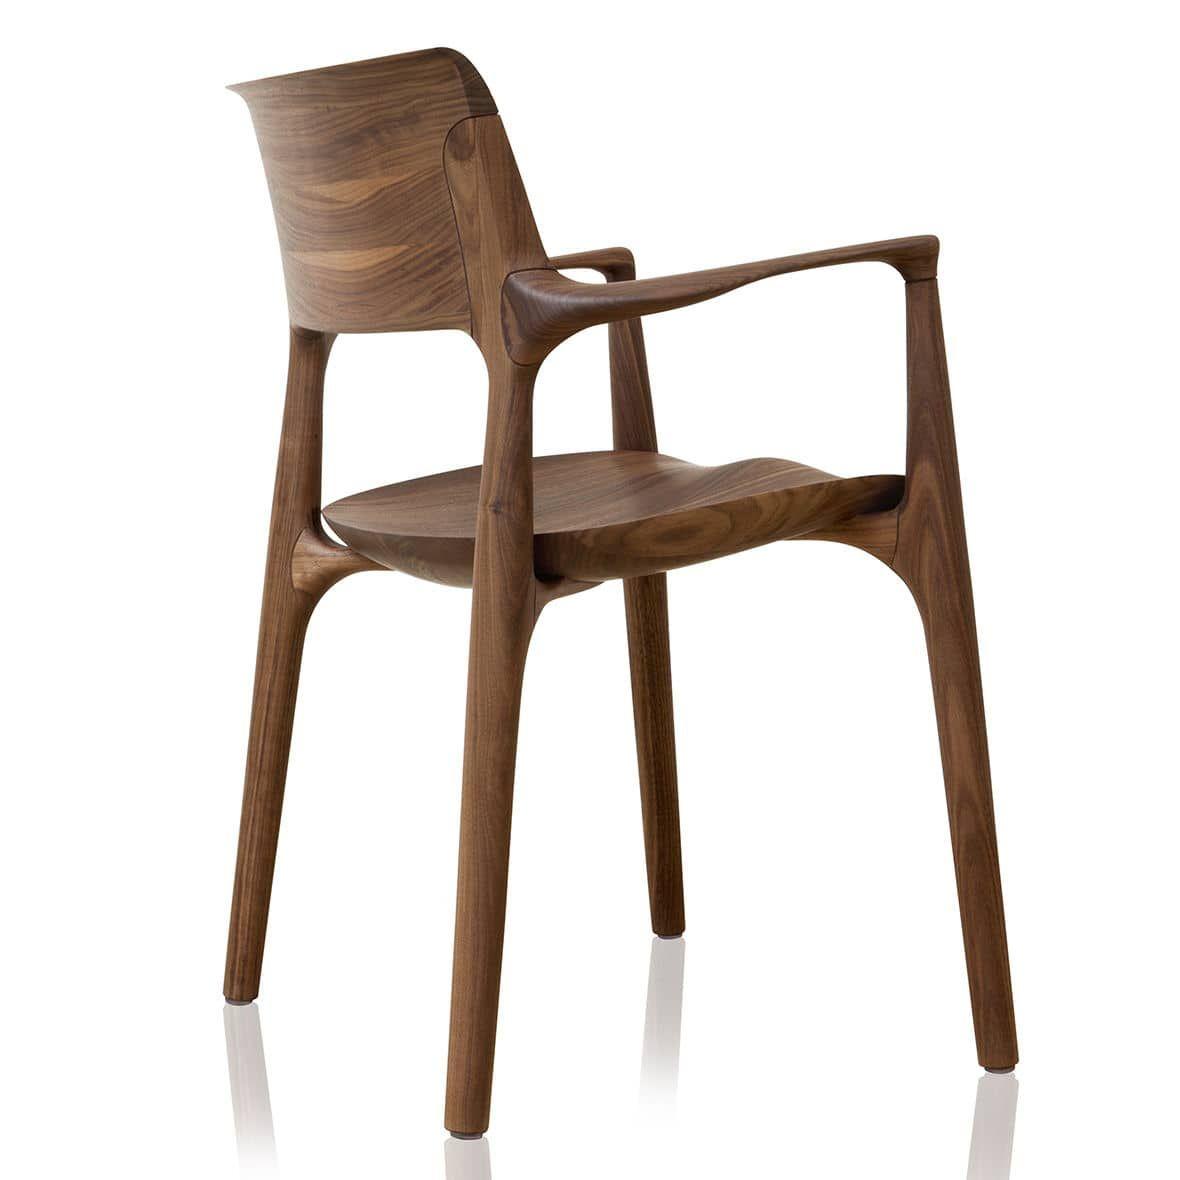 Moderner Stuhl / Holz / Bugholz / Polster   EASY by Jader ...